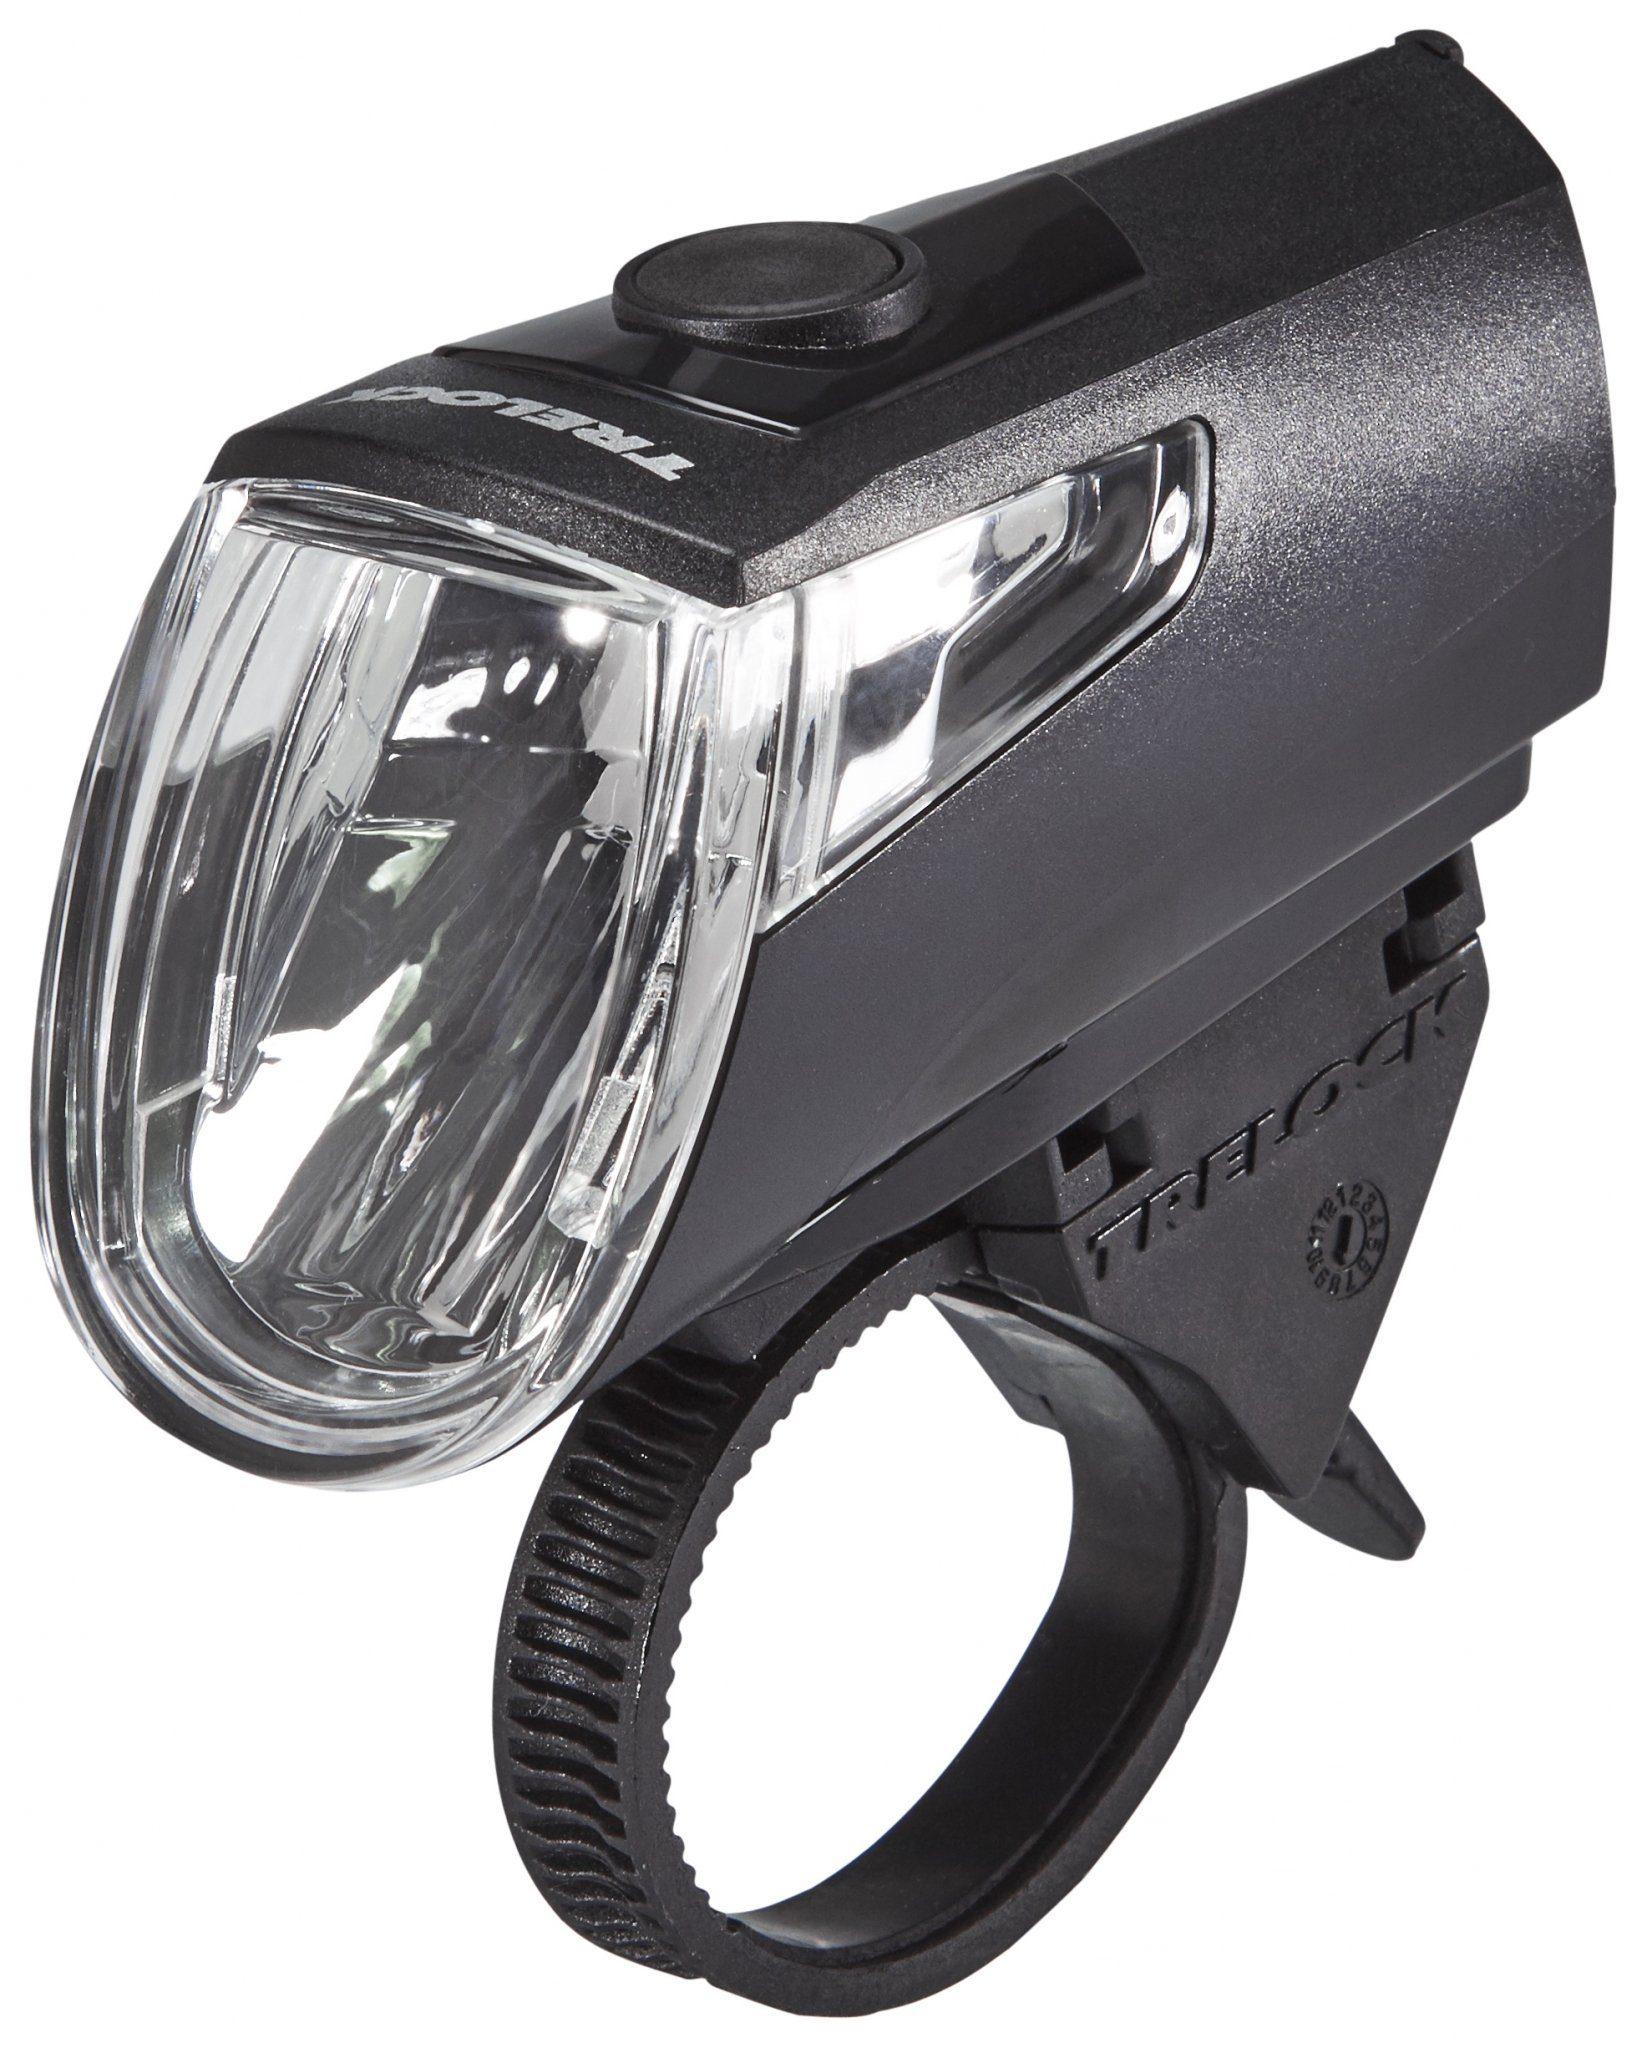 Trelock Fahrradbeleuchtung »LS 360 I-GO ECO«